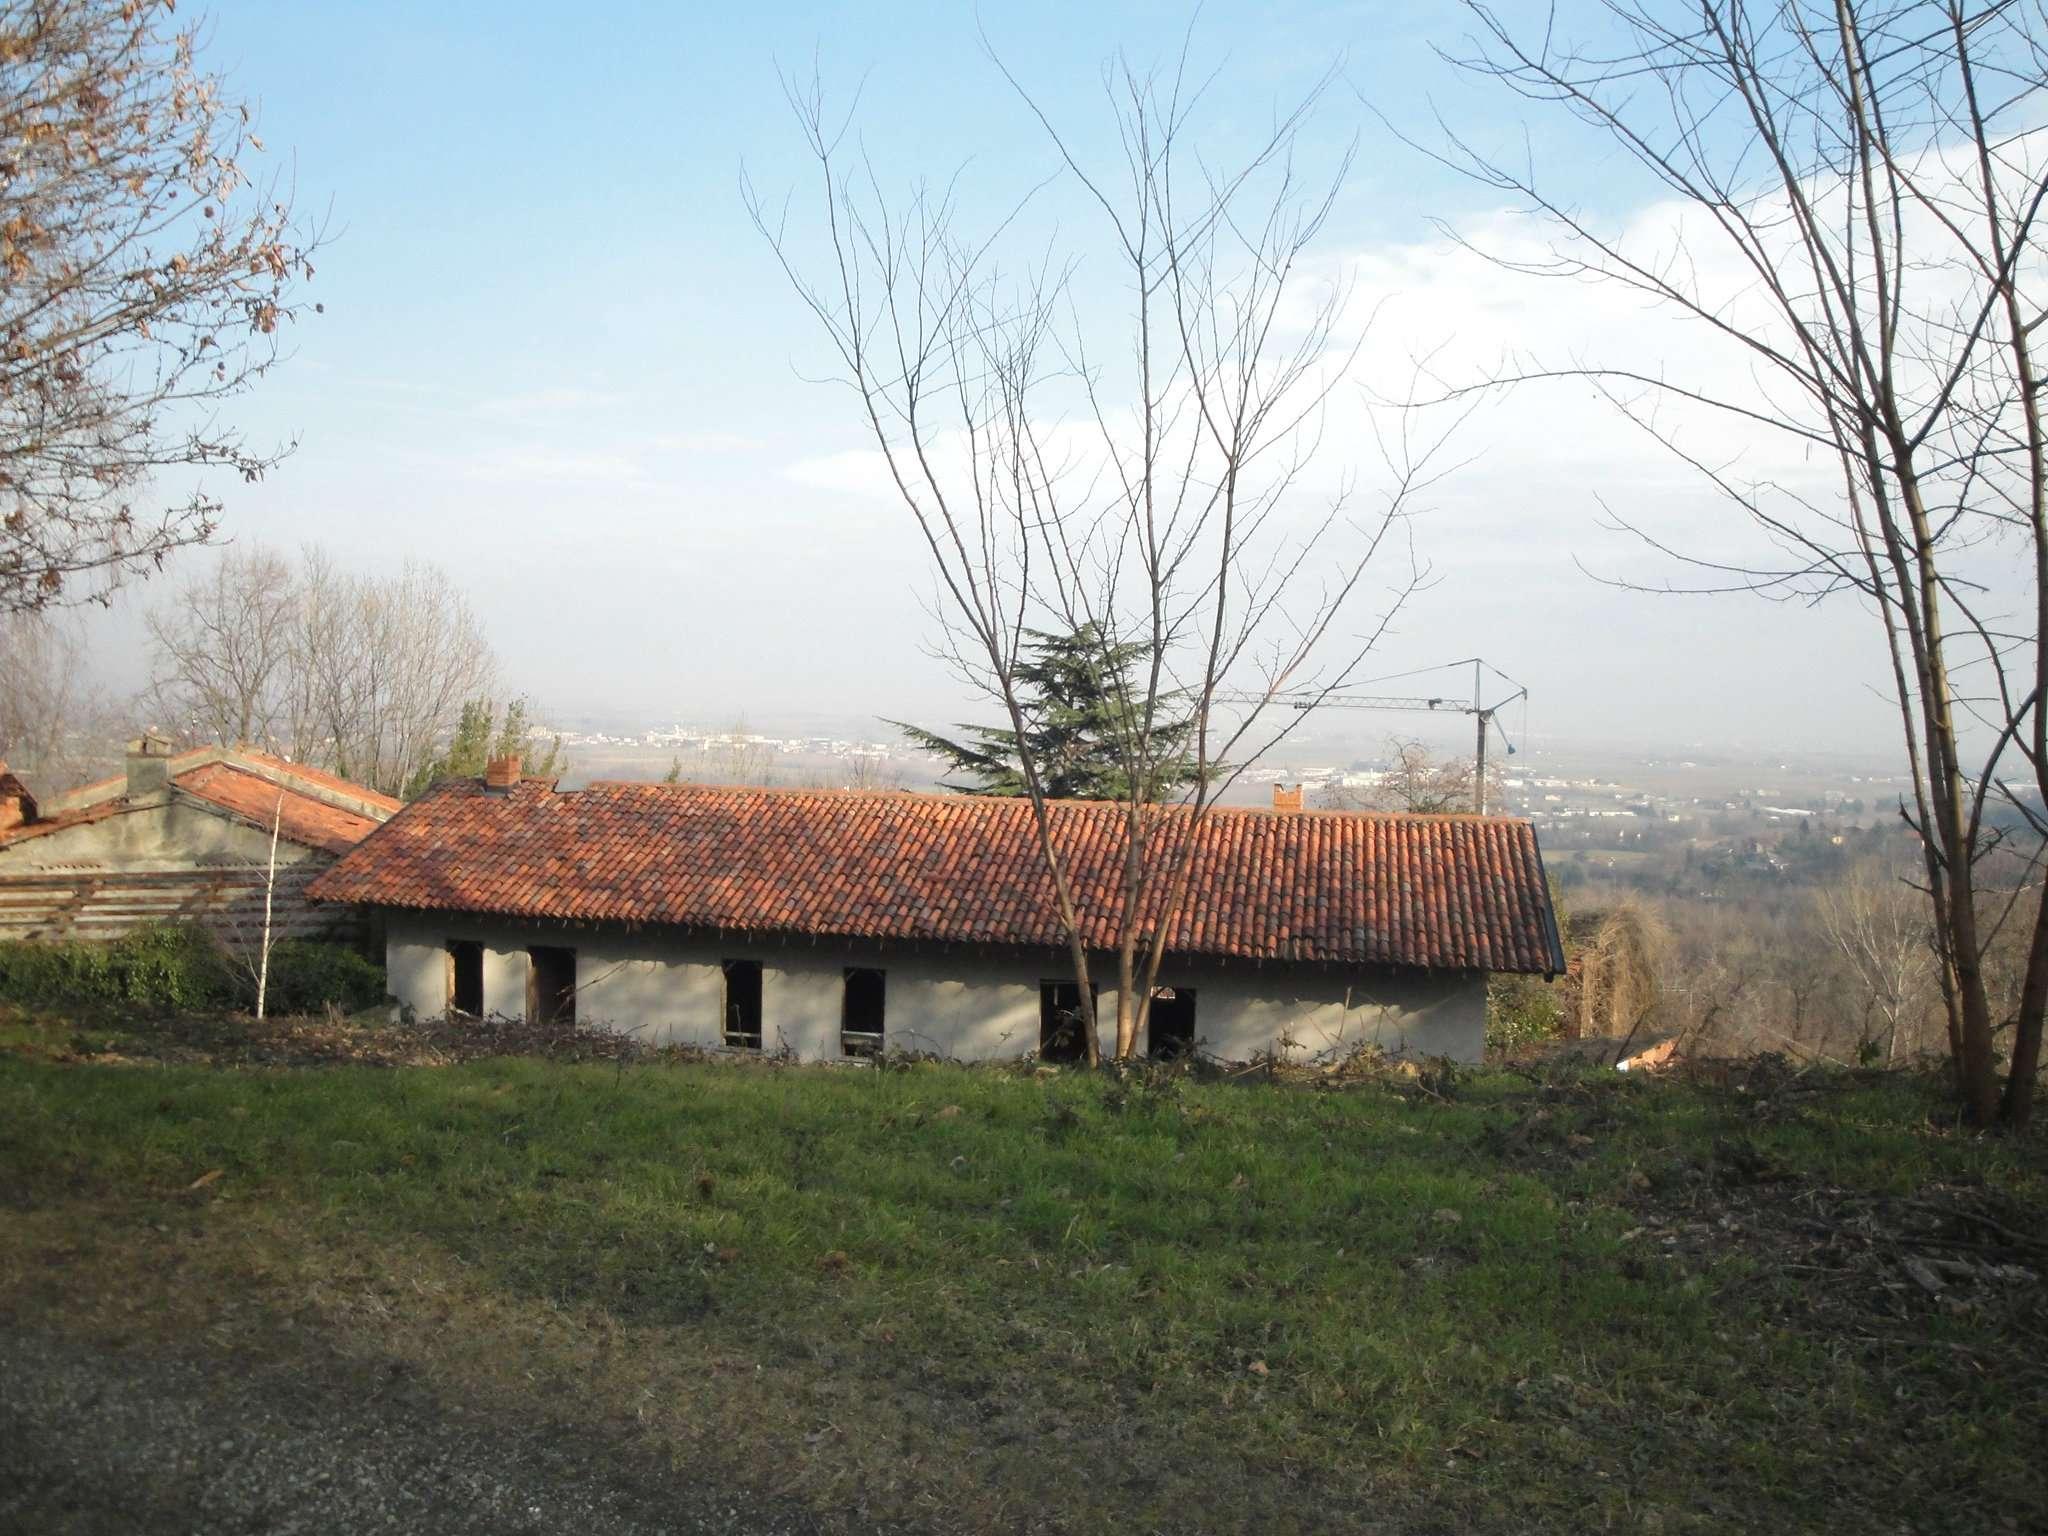 Rustico in Vendita a Pinerolo: 4 locali, 550 mq